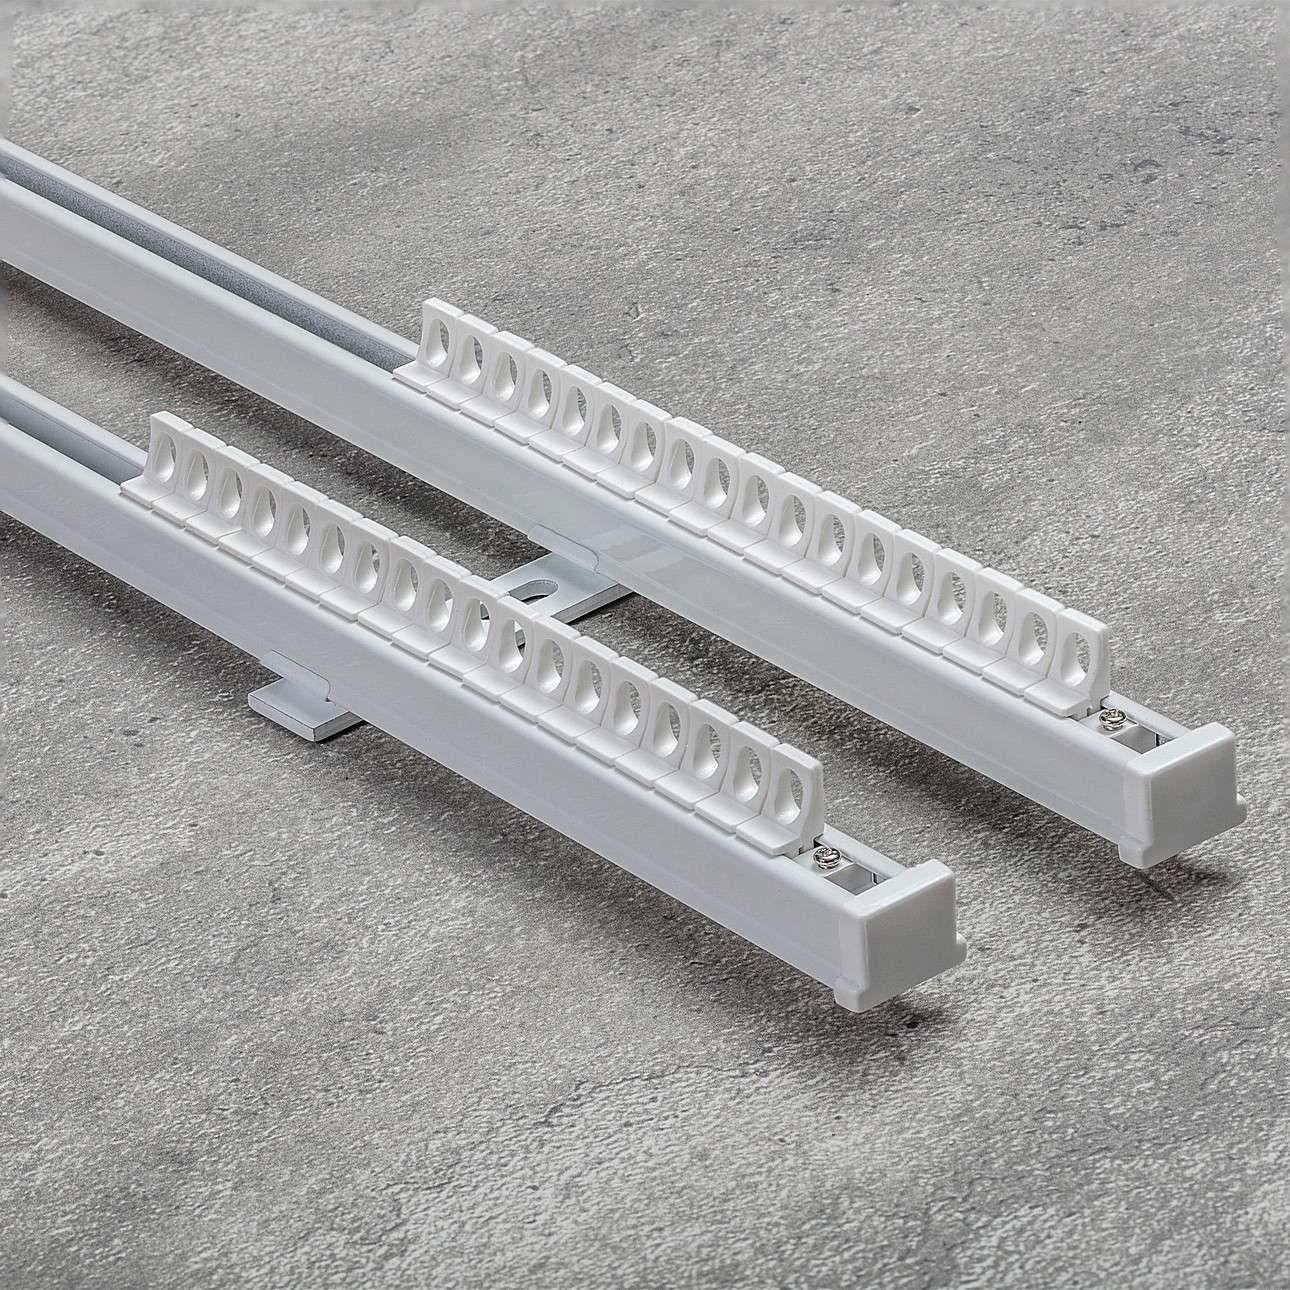 Komplet- szyna przysufitowa aluminiowa TS podwójna 180cm